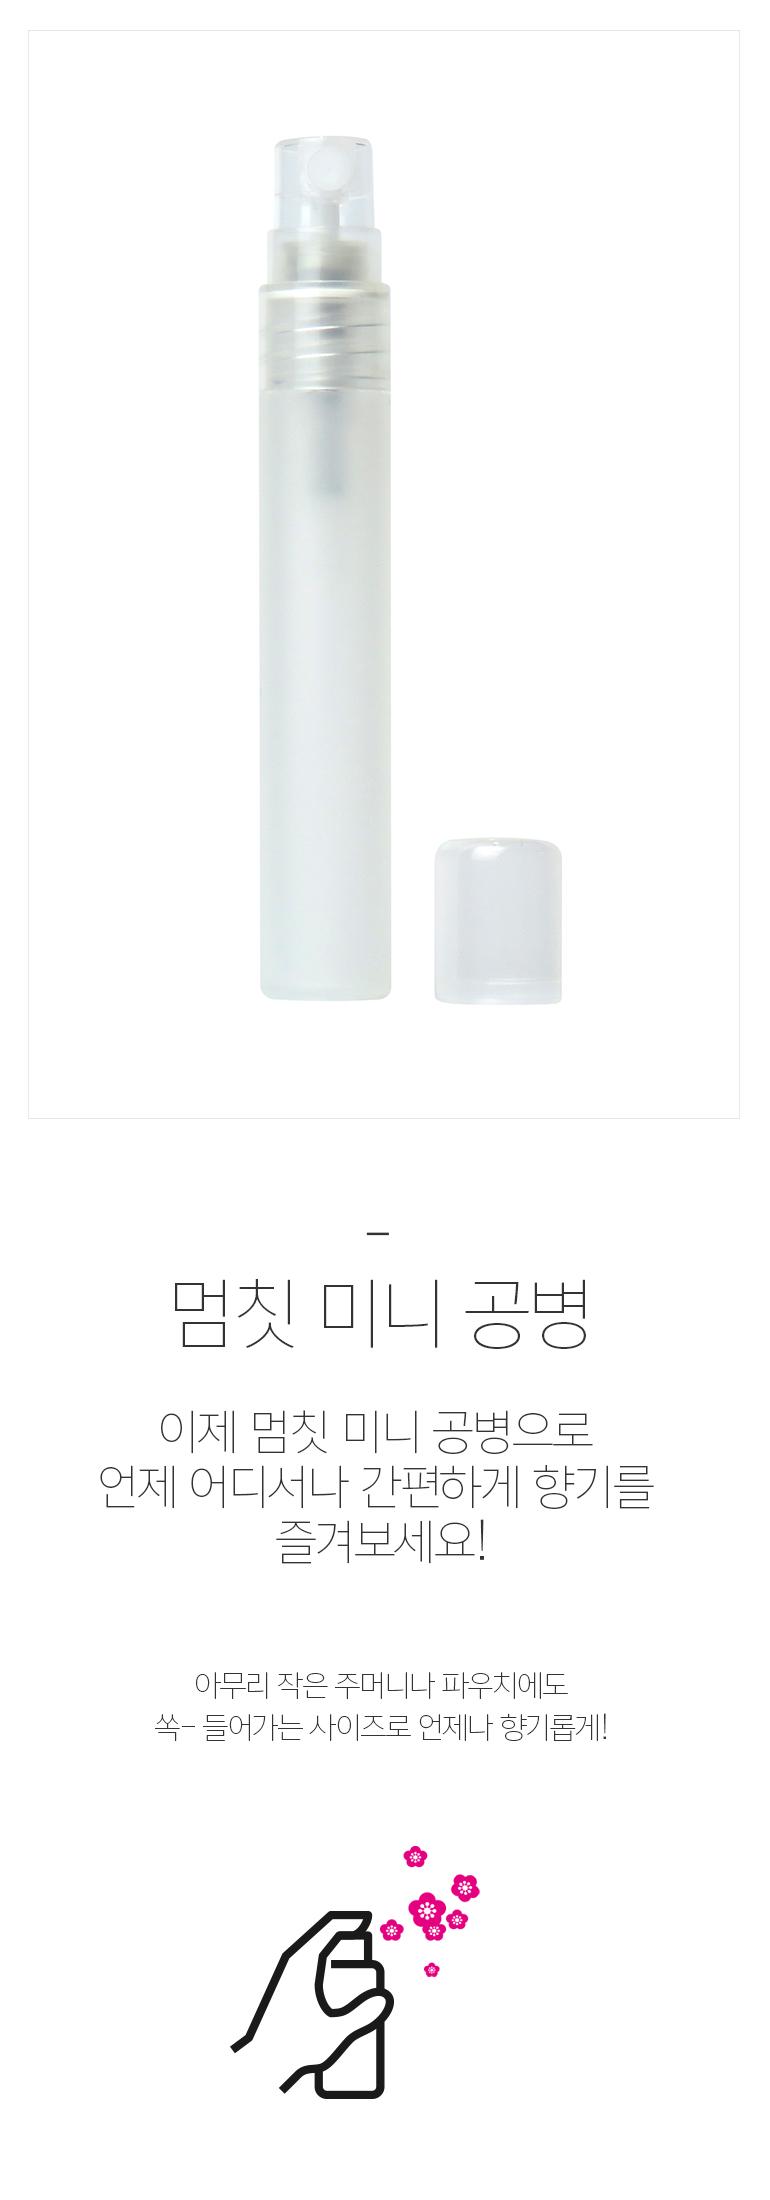 11 미니공병 7ml(제품상세).jpg